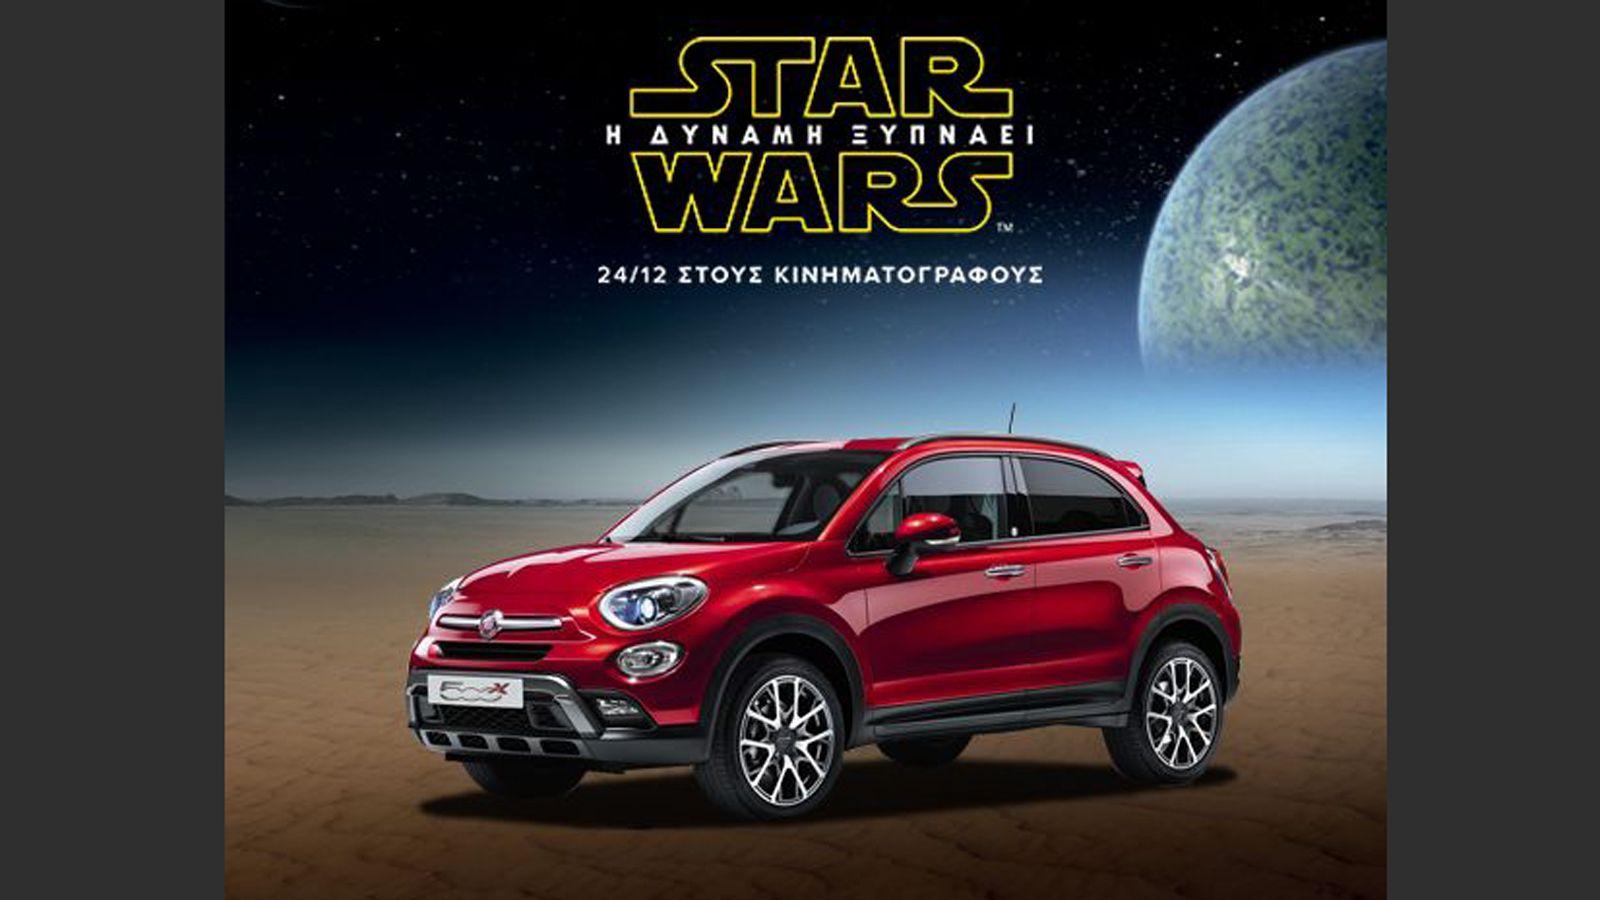 Fiat gewinnspiel star wars